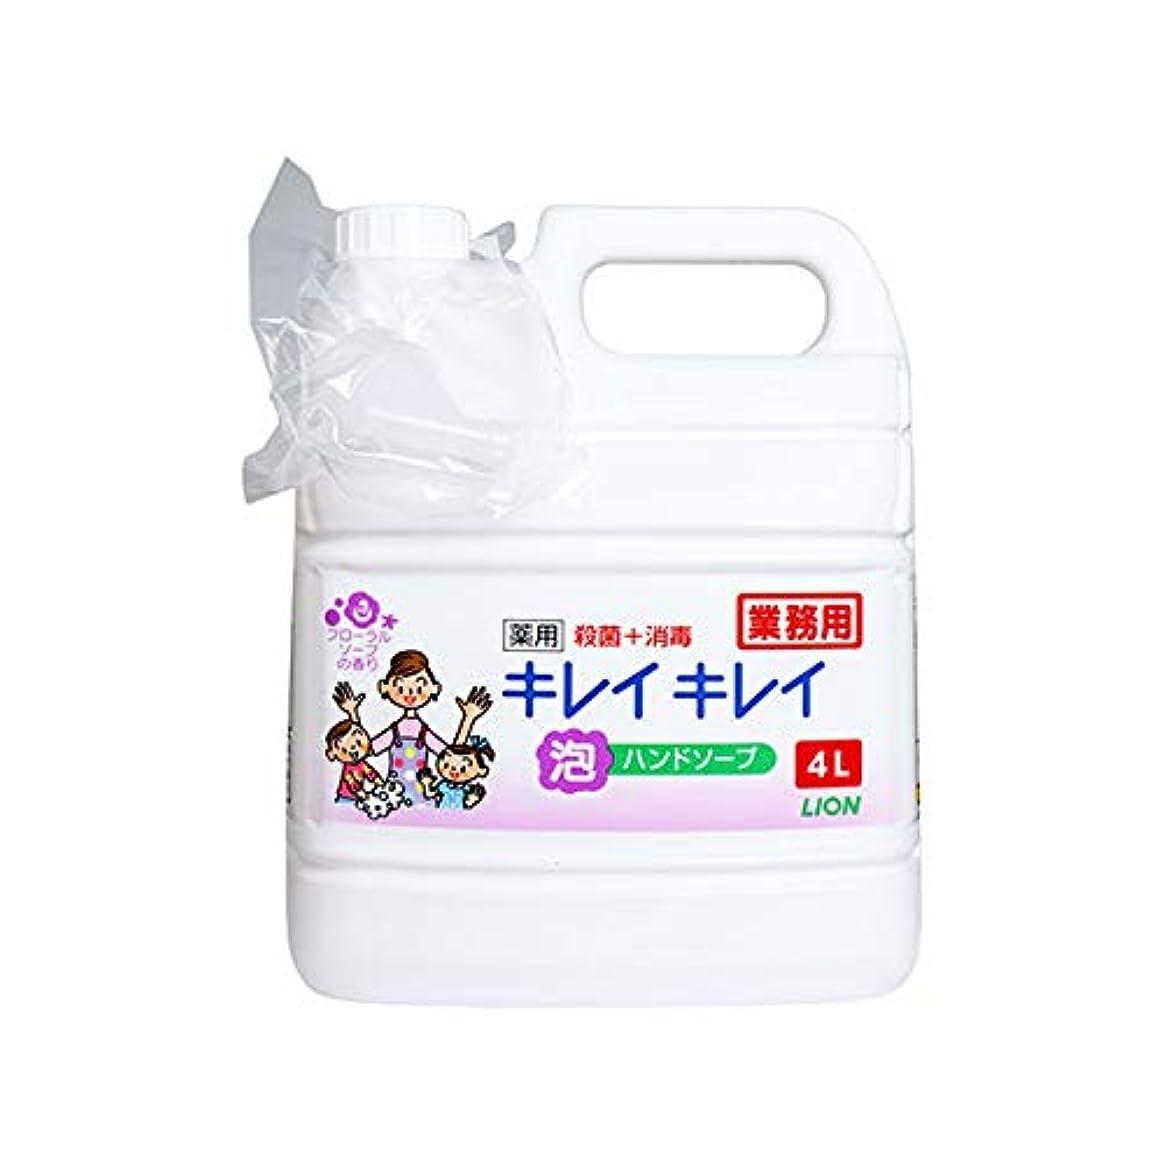 終わった熟読する記念業務用 手洗い用石鹸 キレイキレイ 薬用 泡ハンドソープ フローラルソープの香り 4LX3本 ライオン